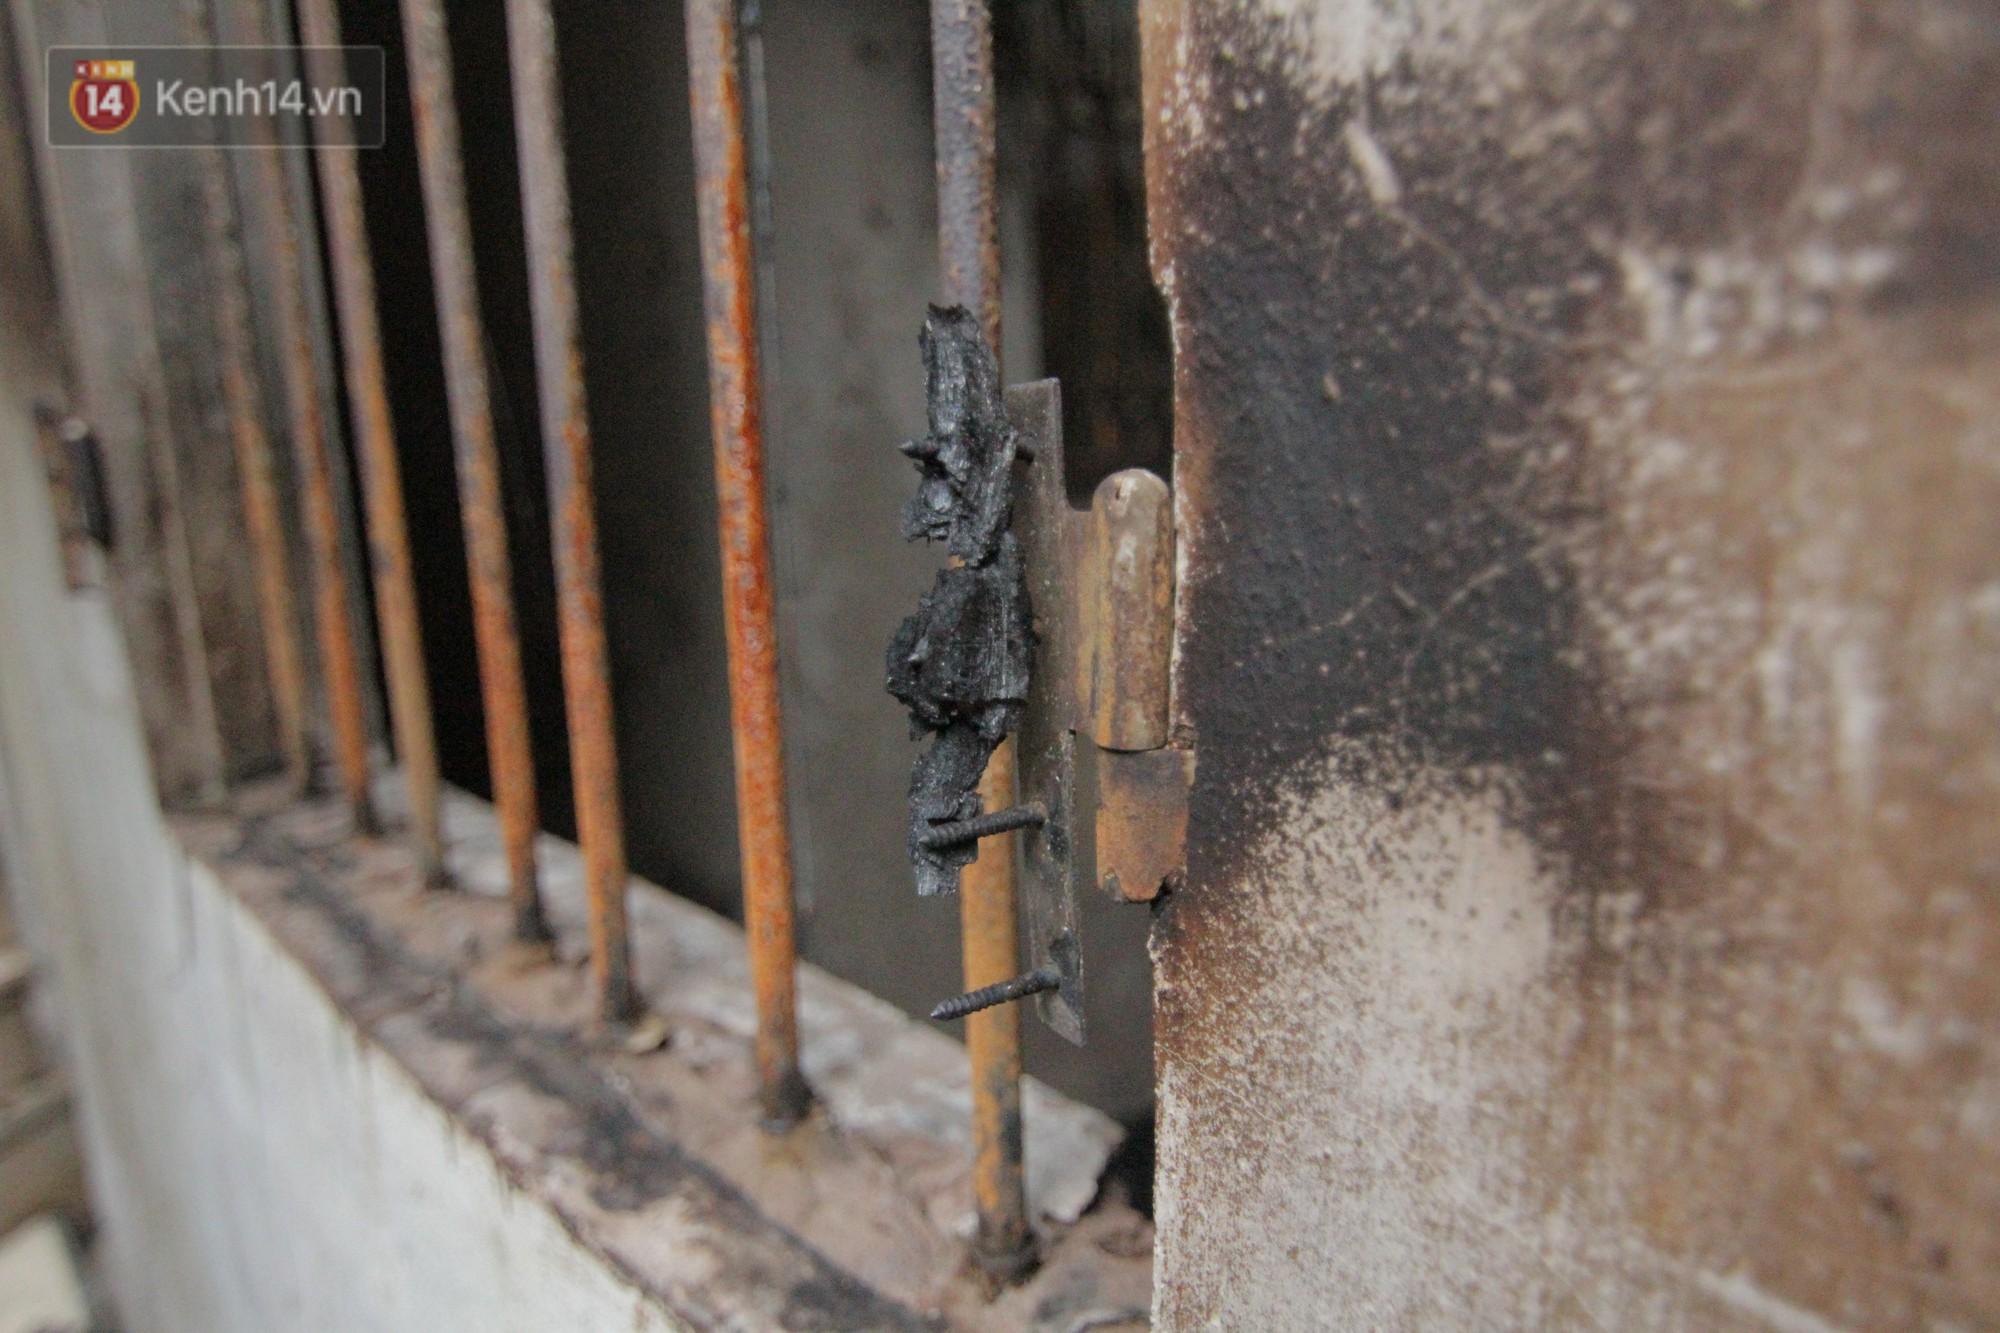 Ảnh: Khung cảnh tan hoang bên trong dãy trọ bị 'giặc lửa' thiêu rụi ở Hà Nội 29